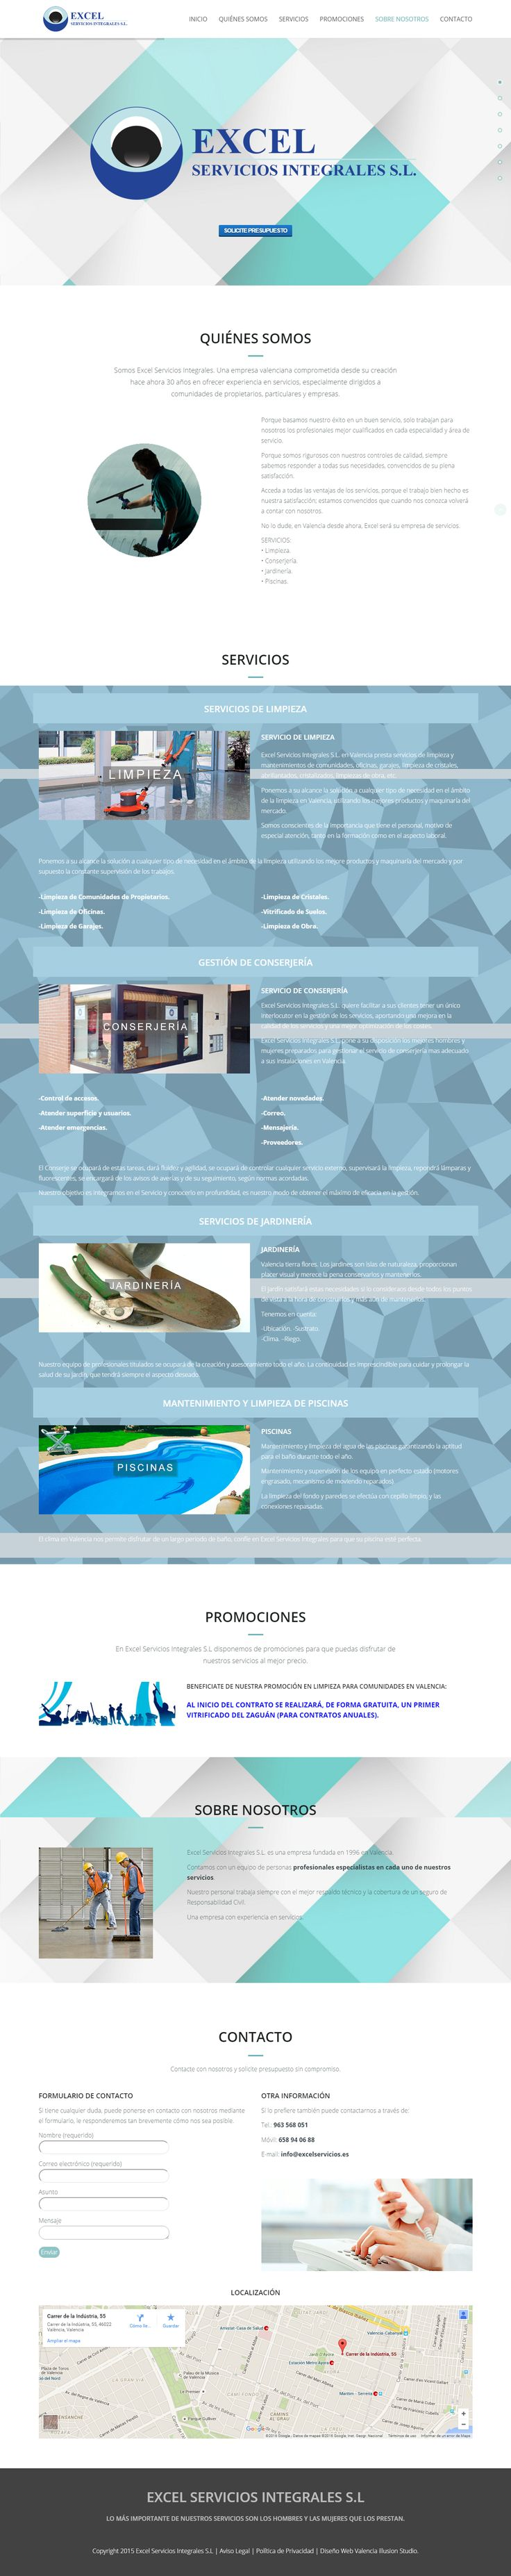 Proyecto de diseño web para la empresa de limpieza y servicios integrales Excel. Se trata de una landing page estructurada en varias secciones: quiénes somos, servicios, promociones, sobre nosotros, contacto y localización.